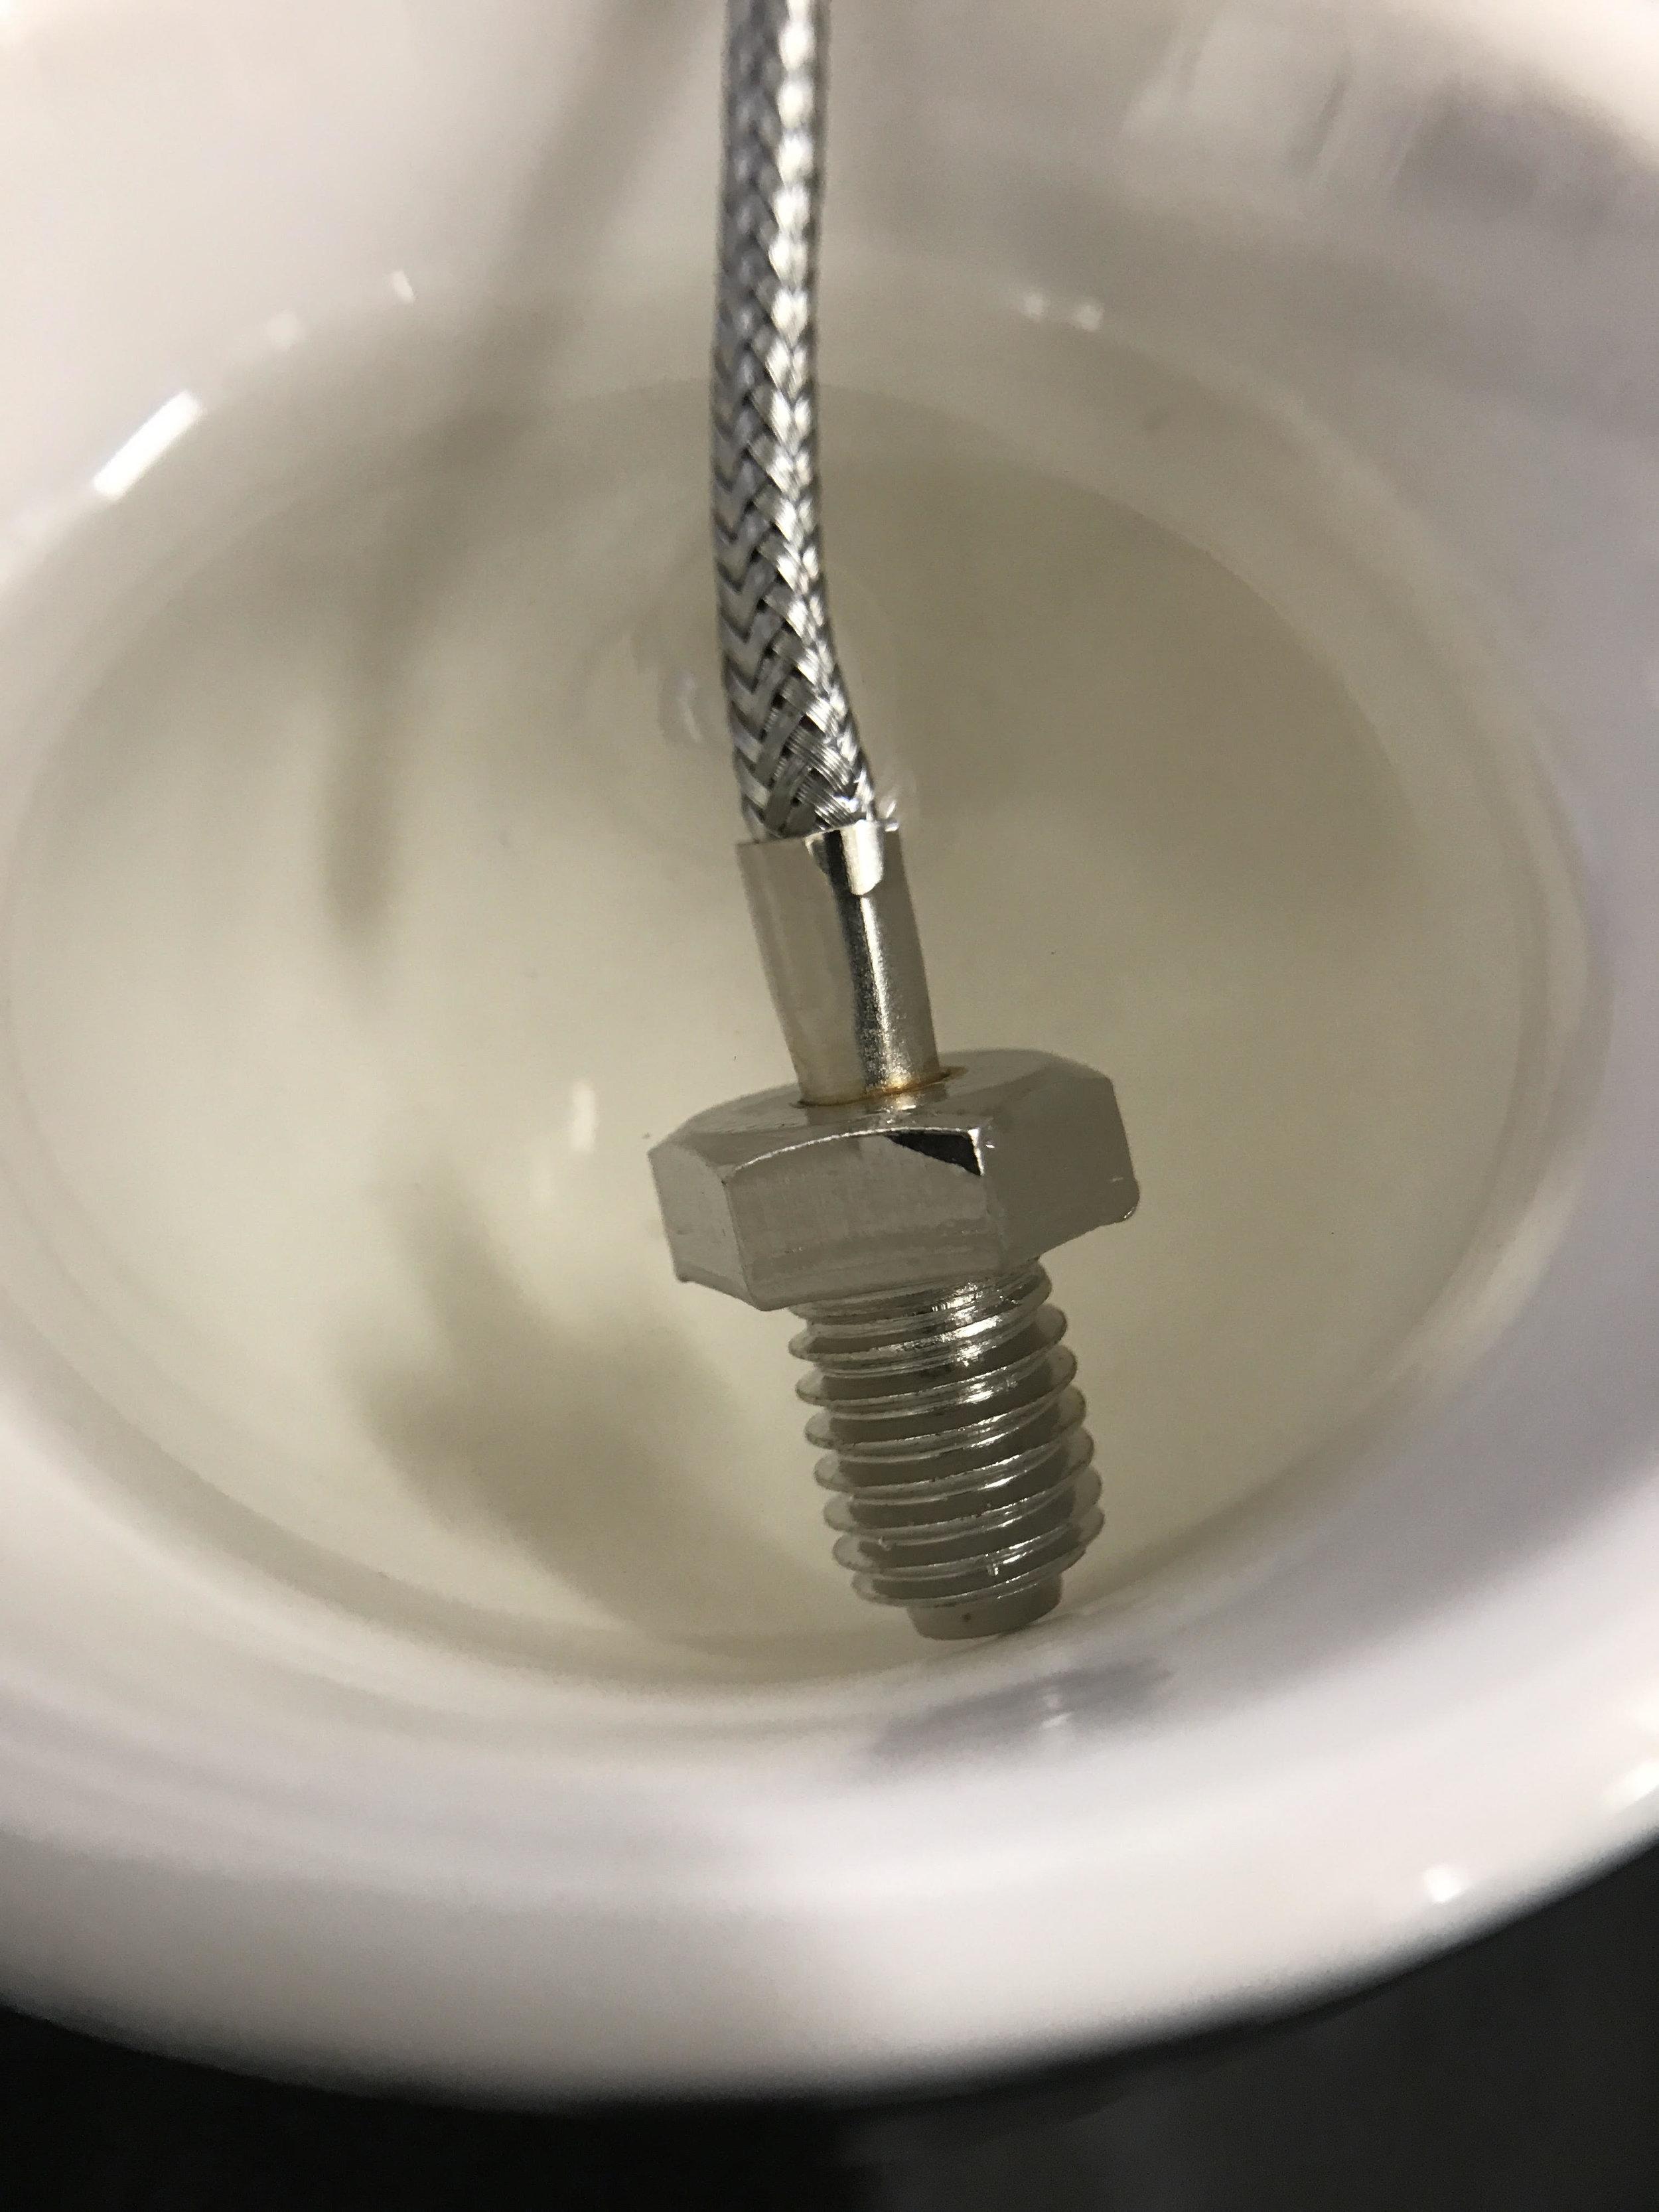 thermocouple_in_espresso_cup.jpg